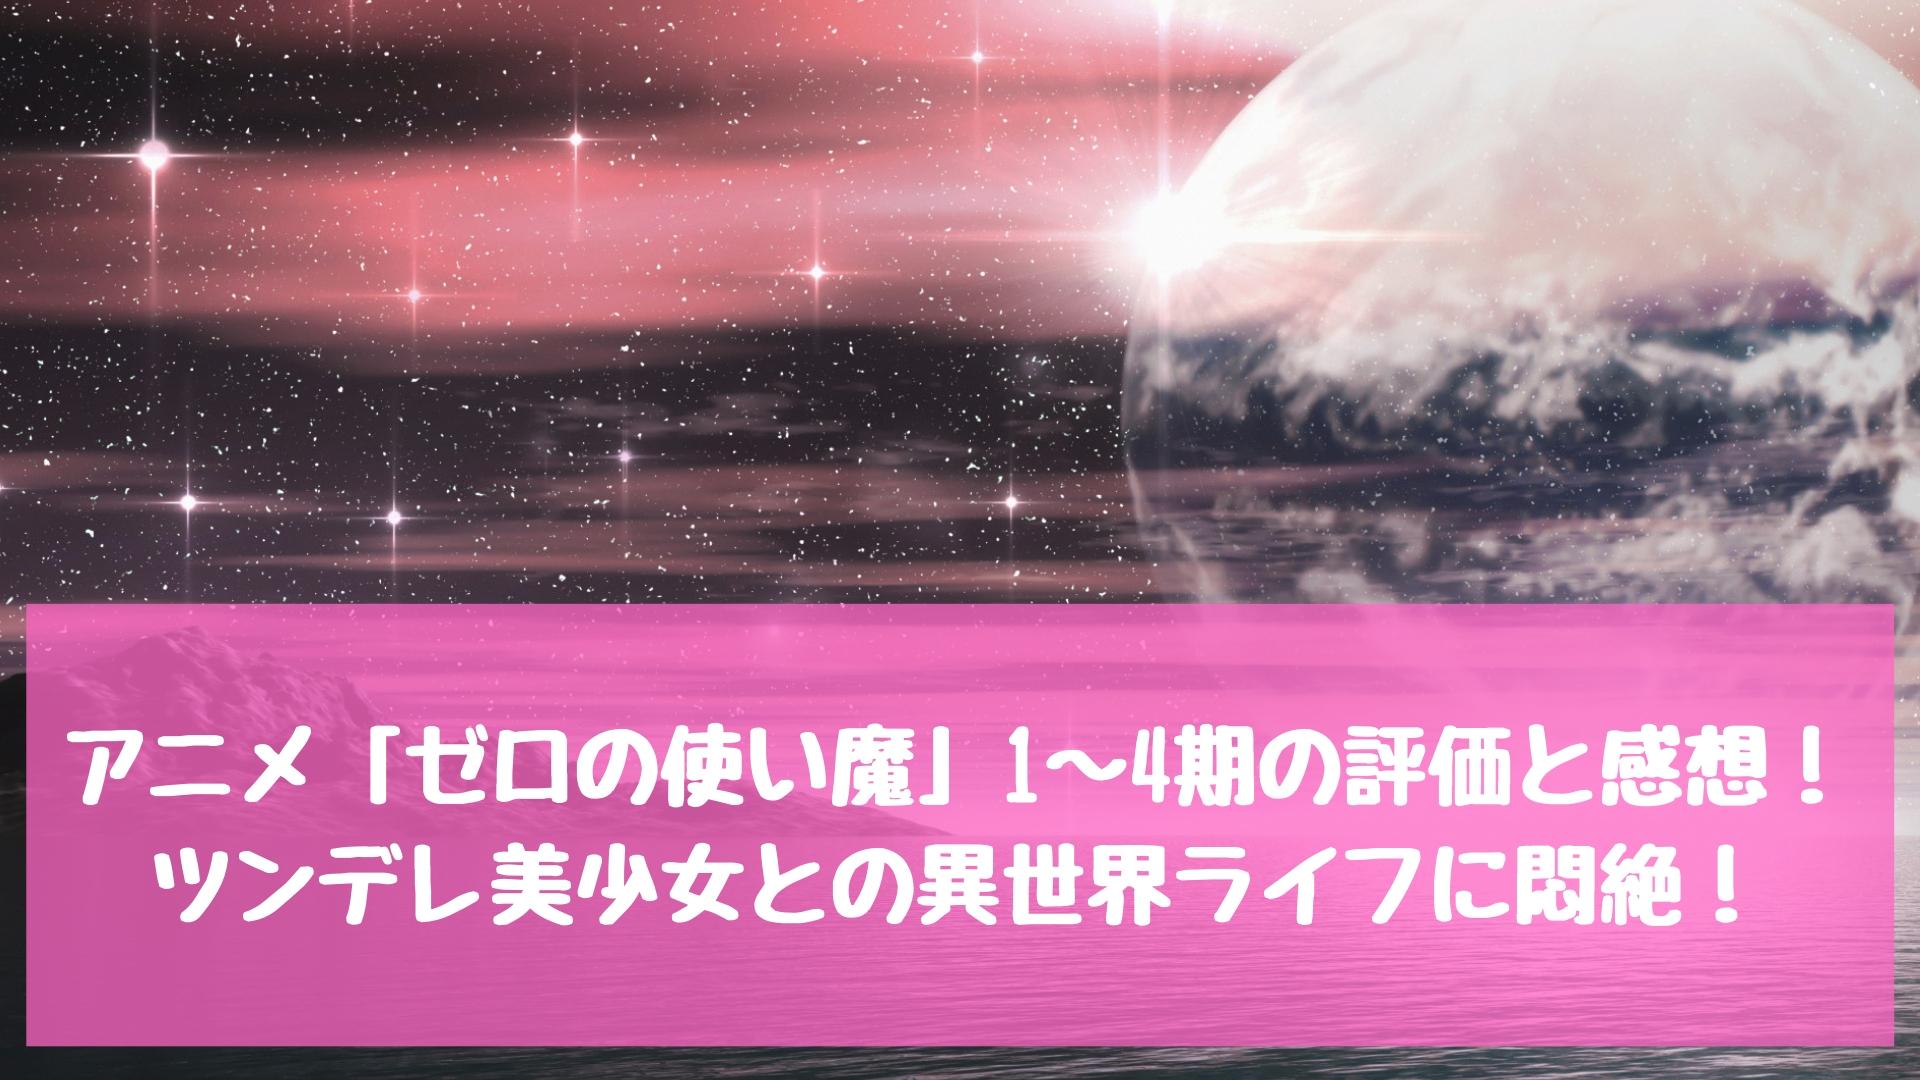 アニメ「ゼロの使い魔」1~4期の評価と感想!ツンデレ美少女との異世界ライフに悶絶!